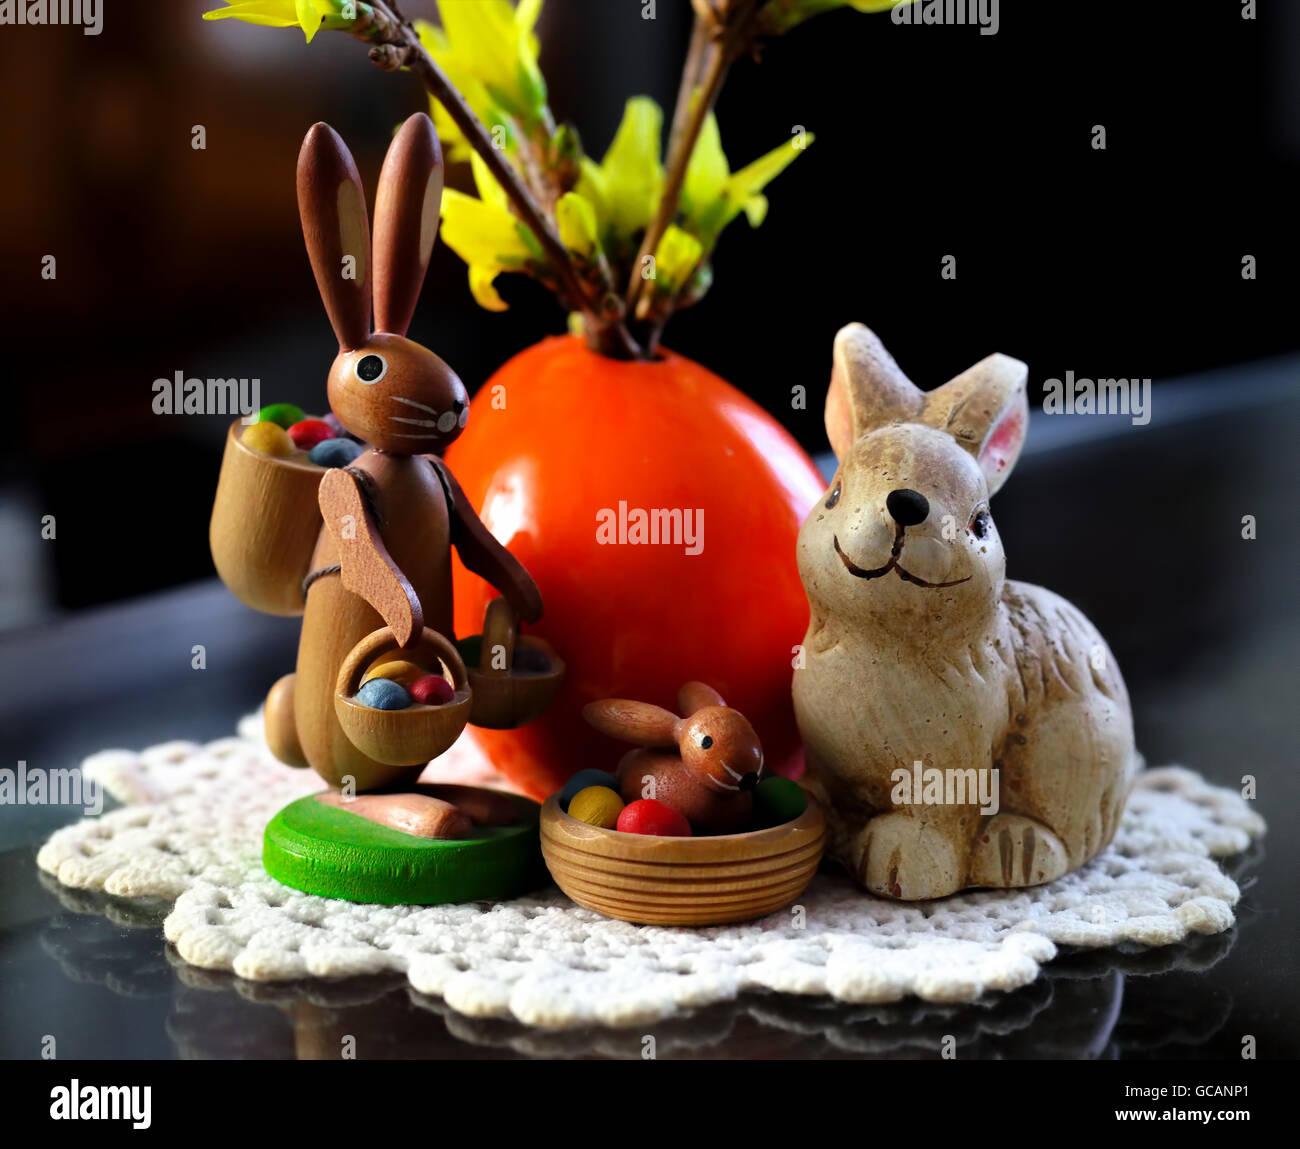 Easter Bunny nostálgico, simpático, colorido, child friendly Imagen De Stock